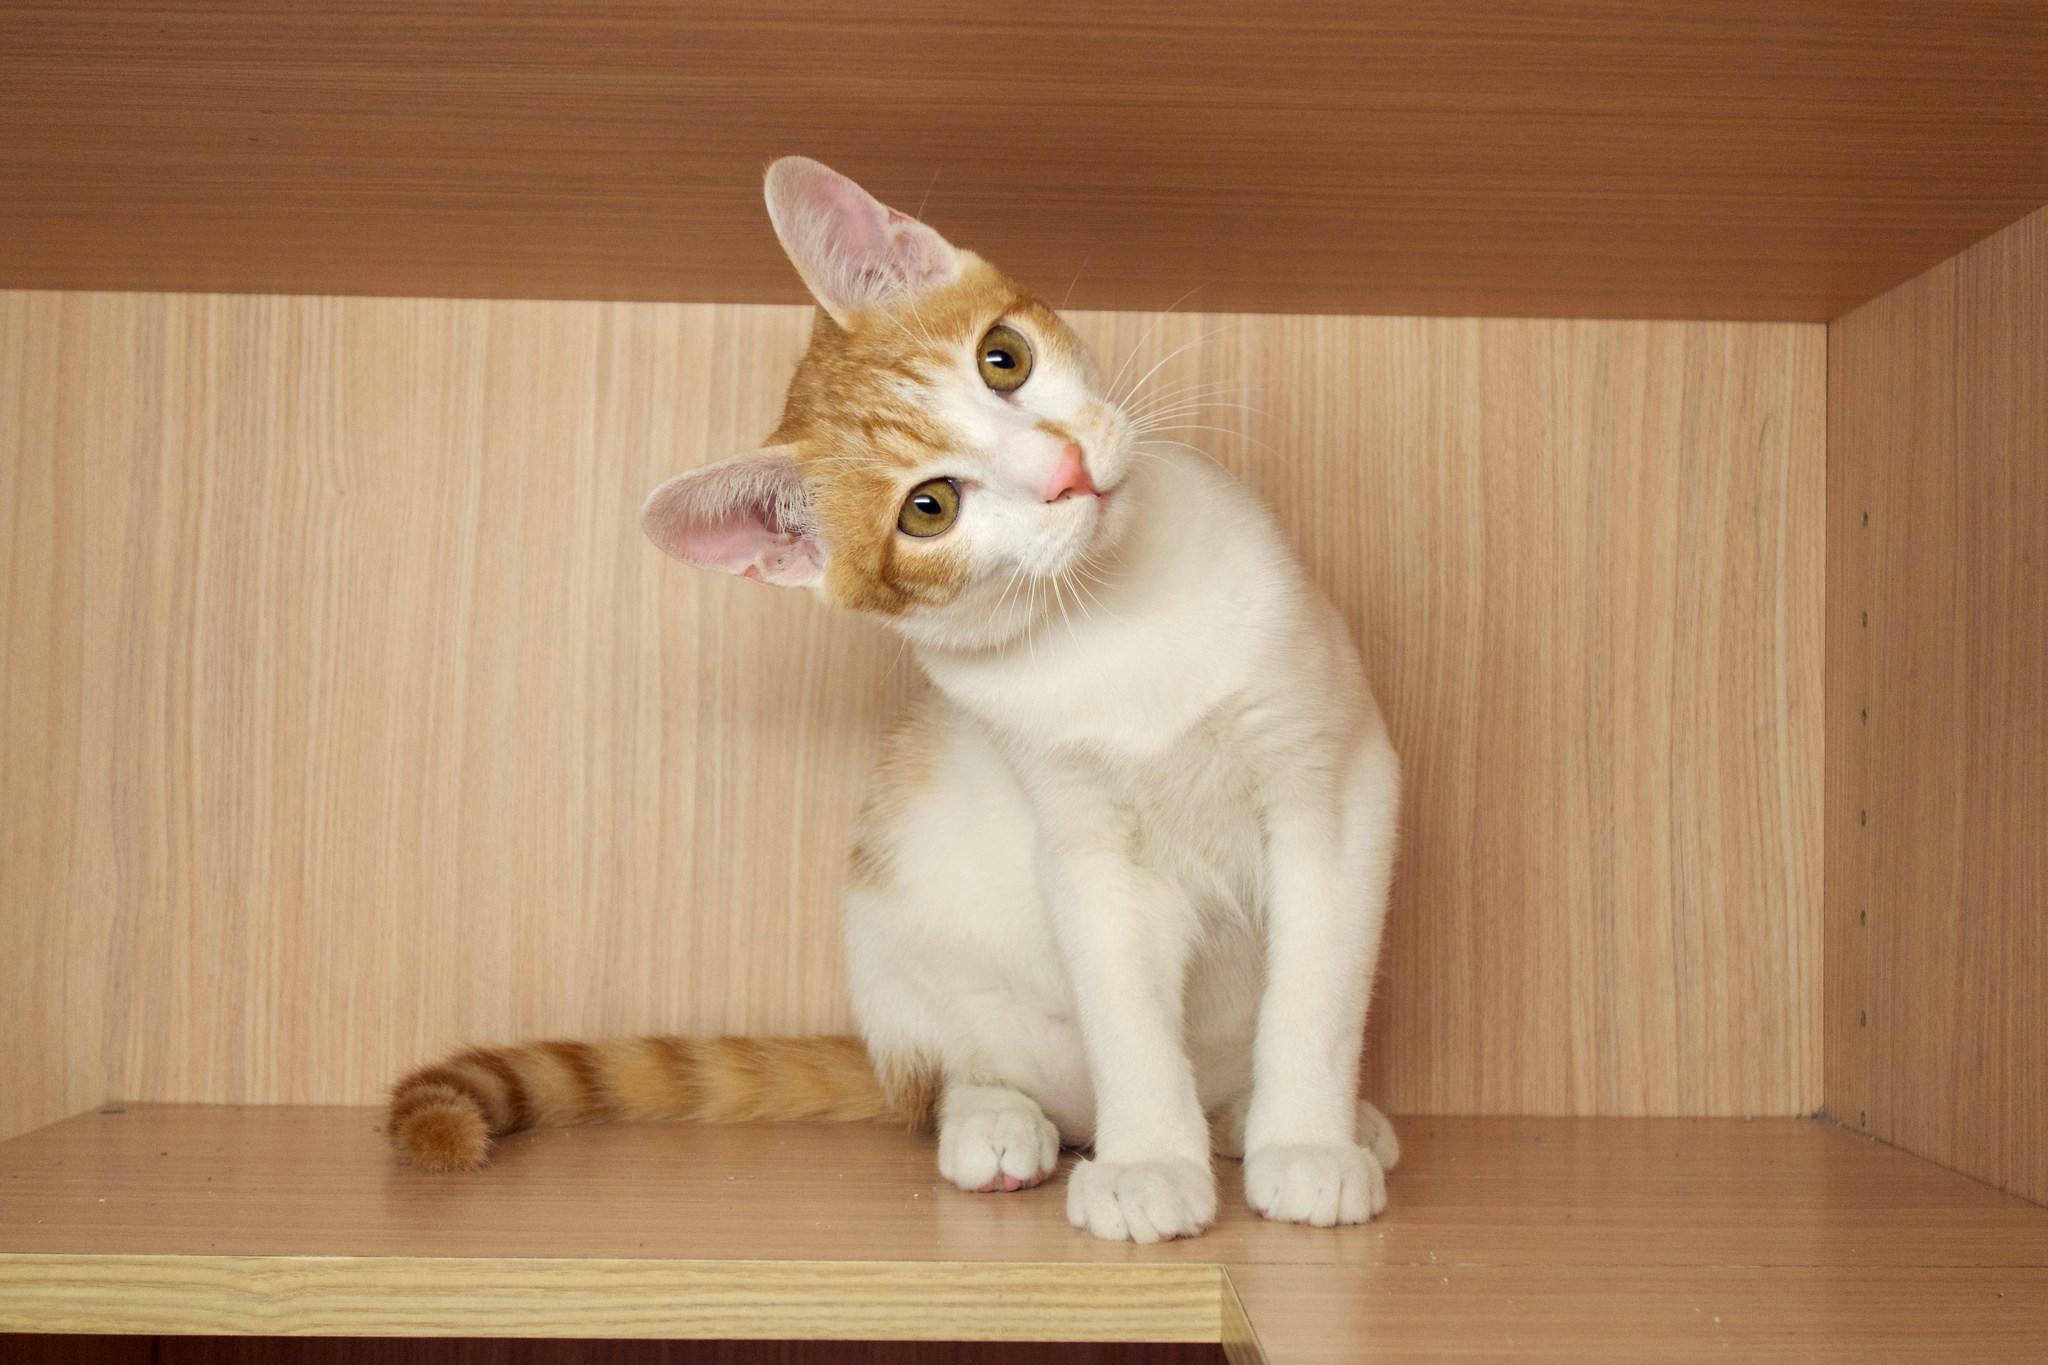 帅气猫图片大全可爱